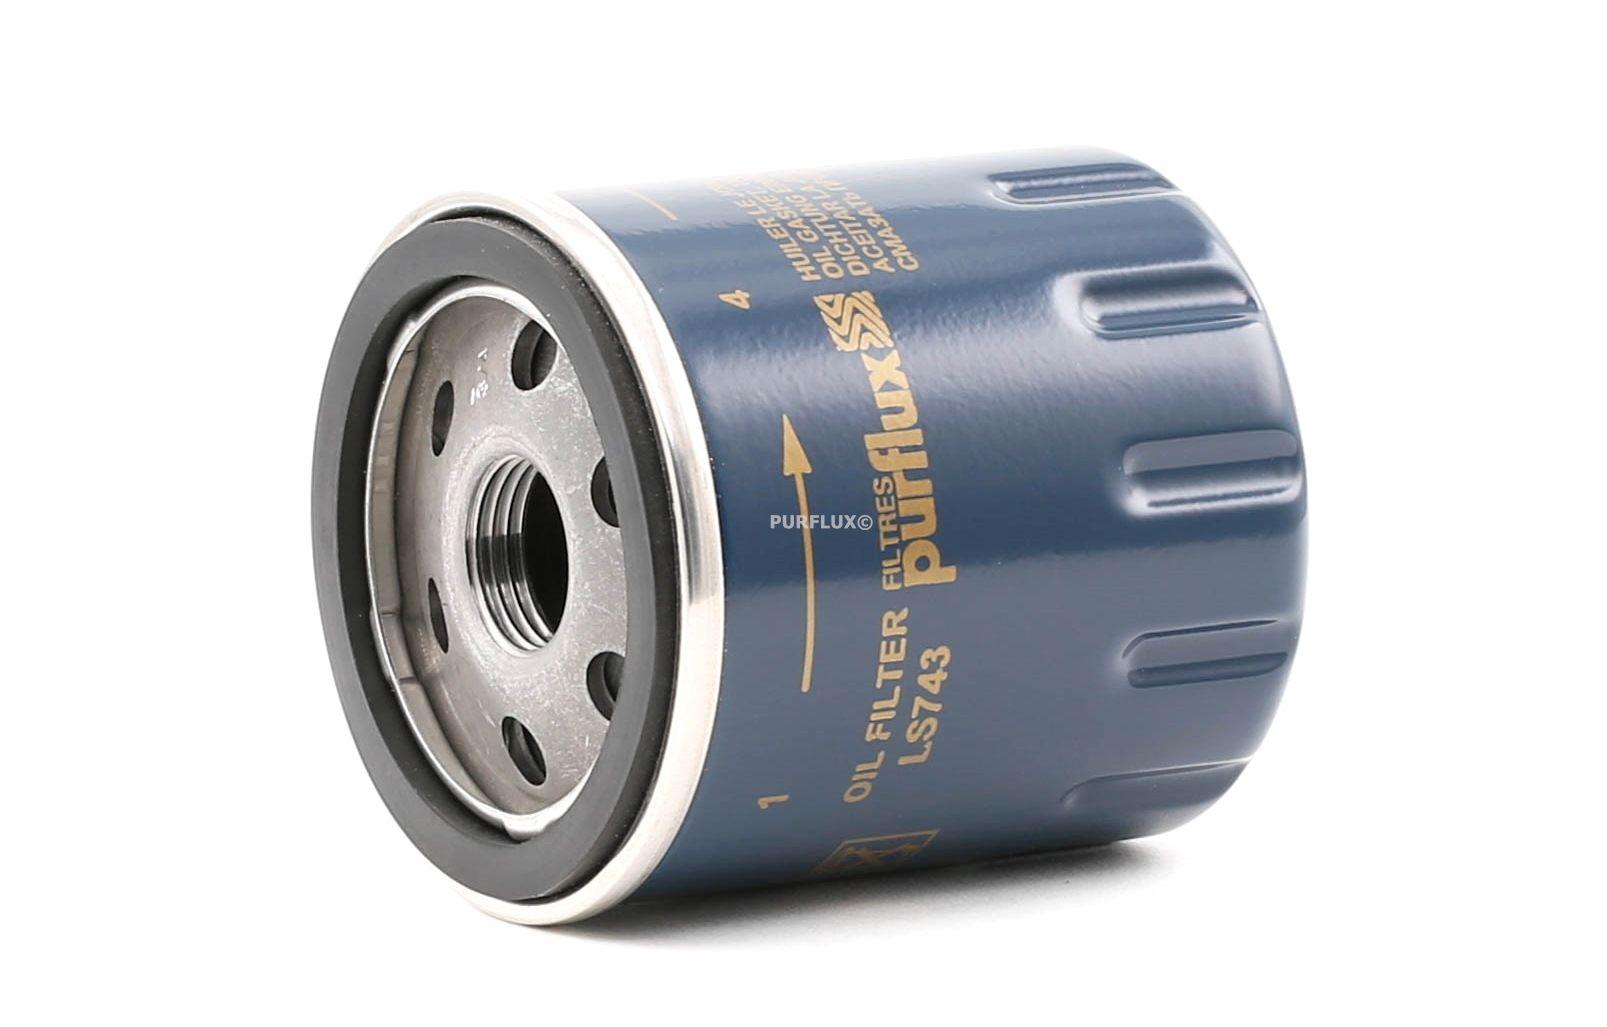 Pieces d'origine: Filtre à huile PURFLUX LS743 (Ø: 66mm, Hauteur: 76mm) - Achetez tout de suite!